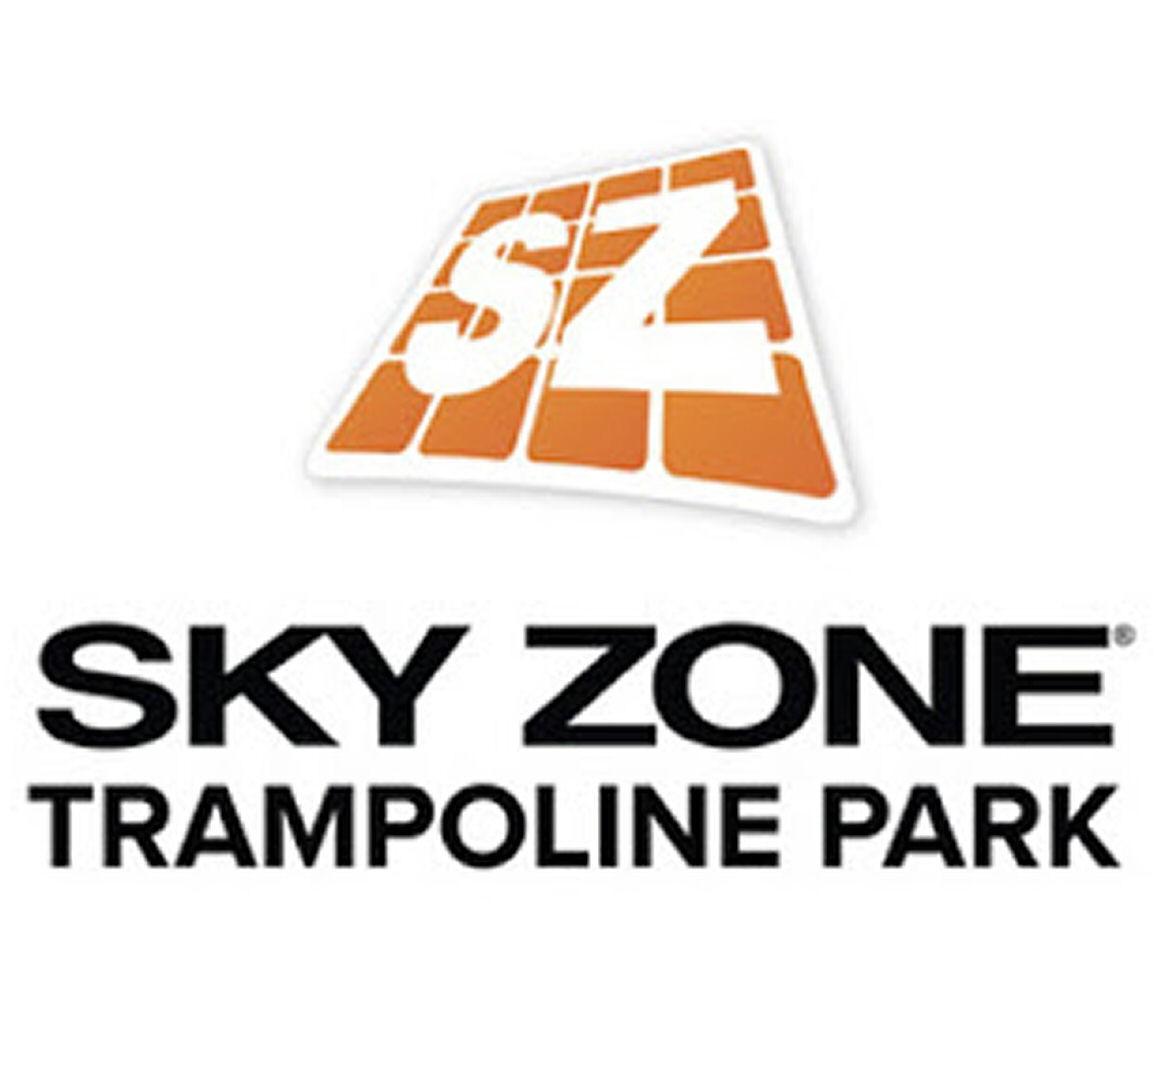 sky zone trampoline park 200+ locations worldwide